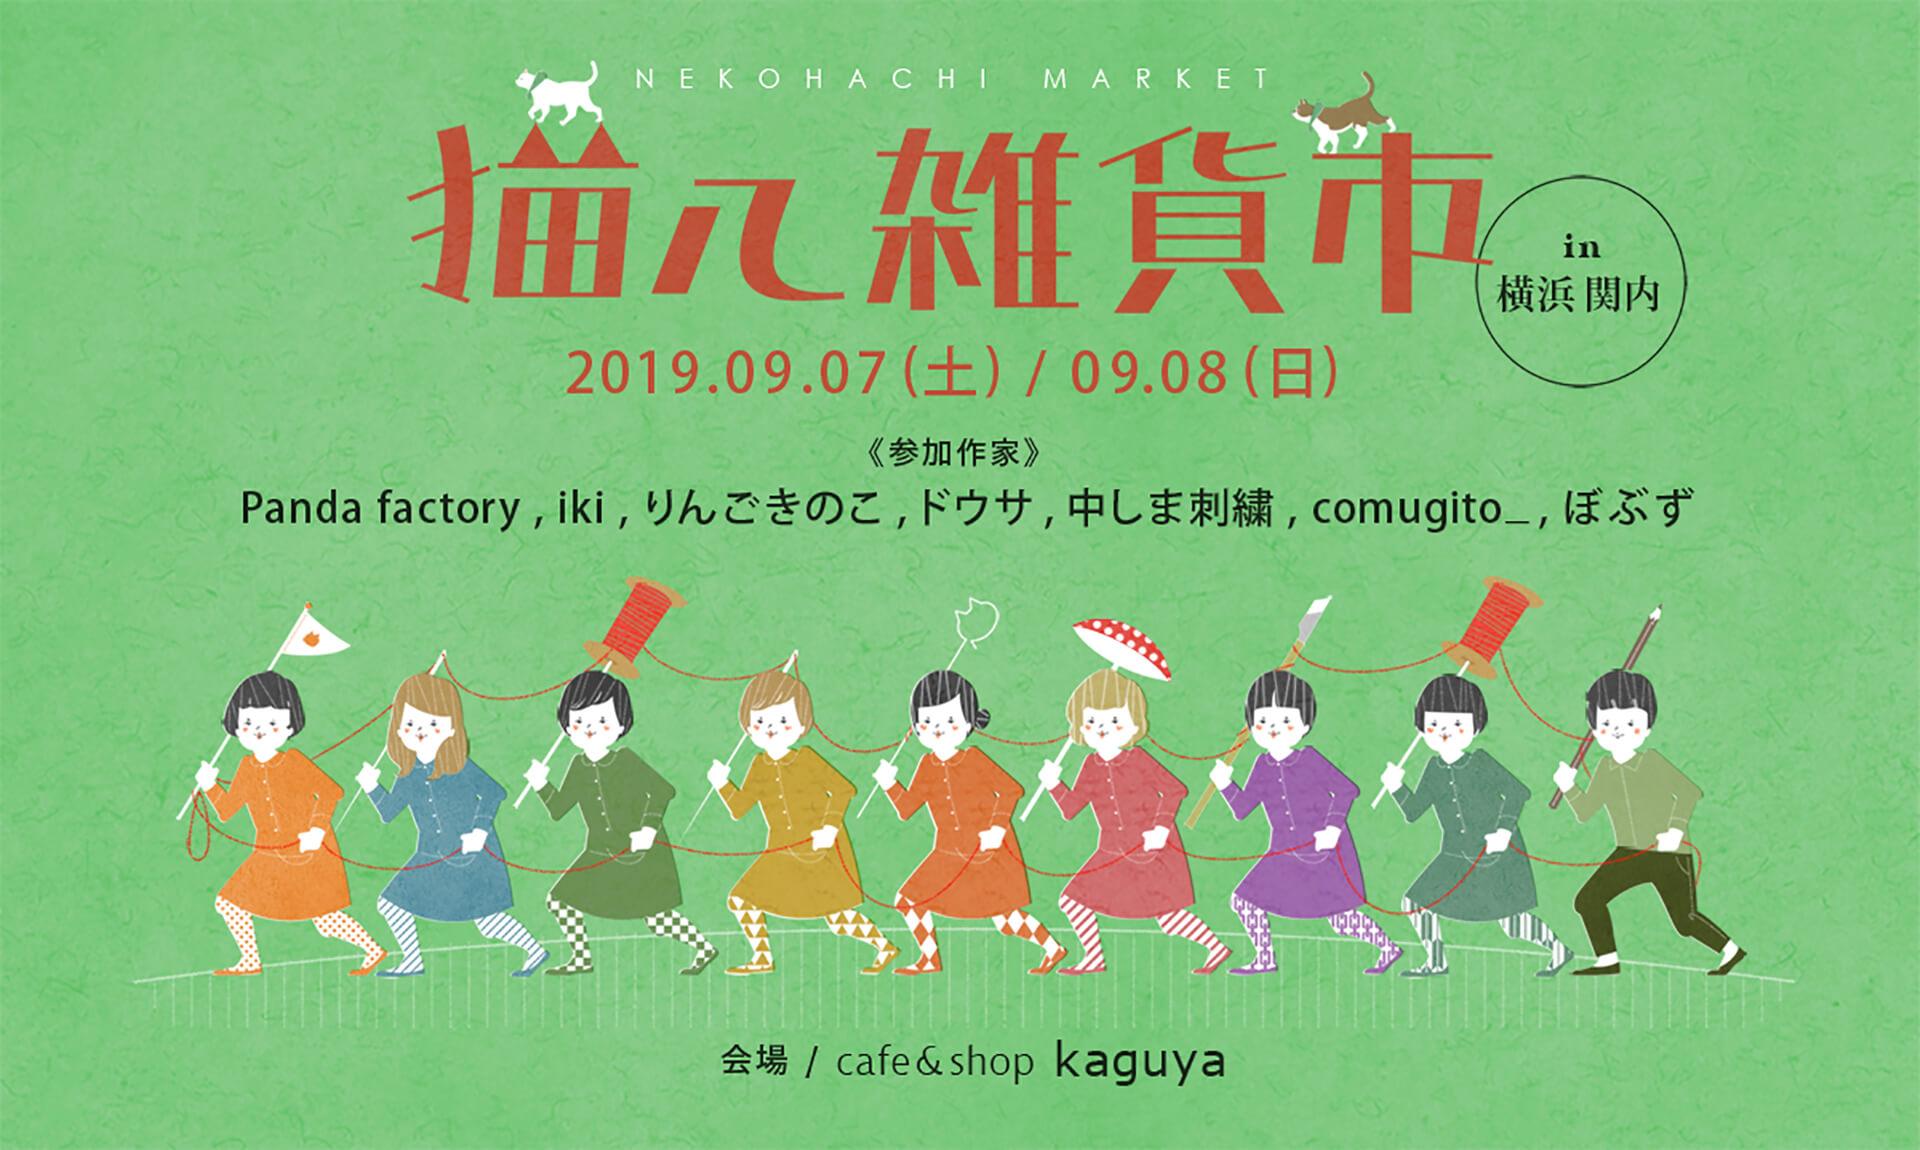 この写真は「猫八雑貨市」のメインビジュアル。昭和女子のかわいいイラストで構成されています